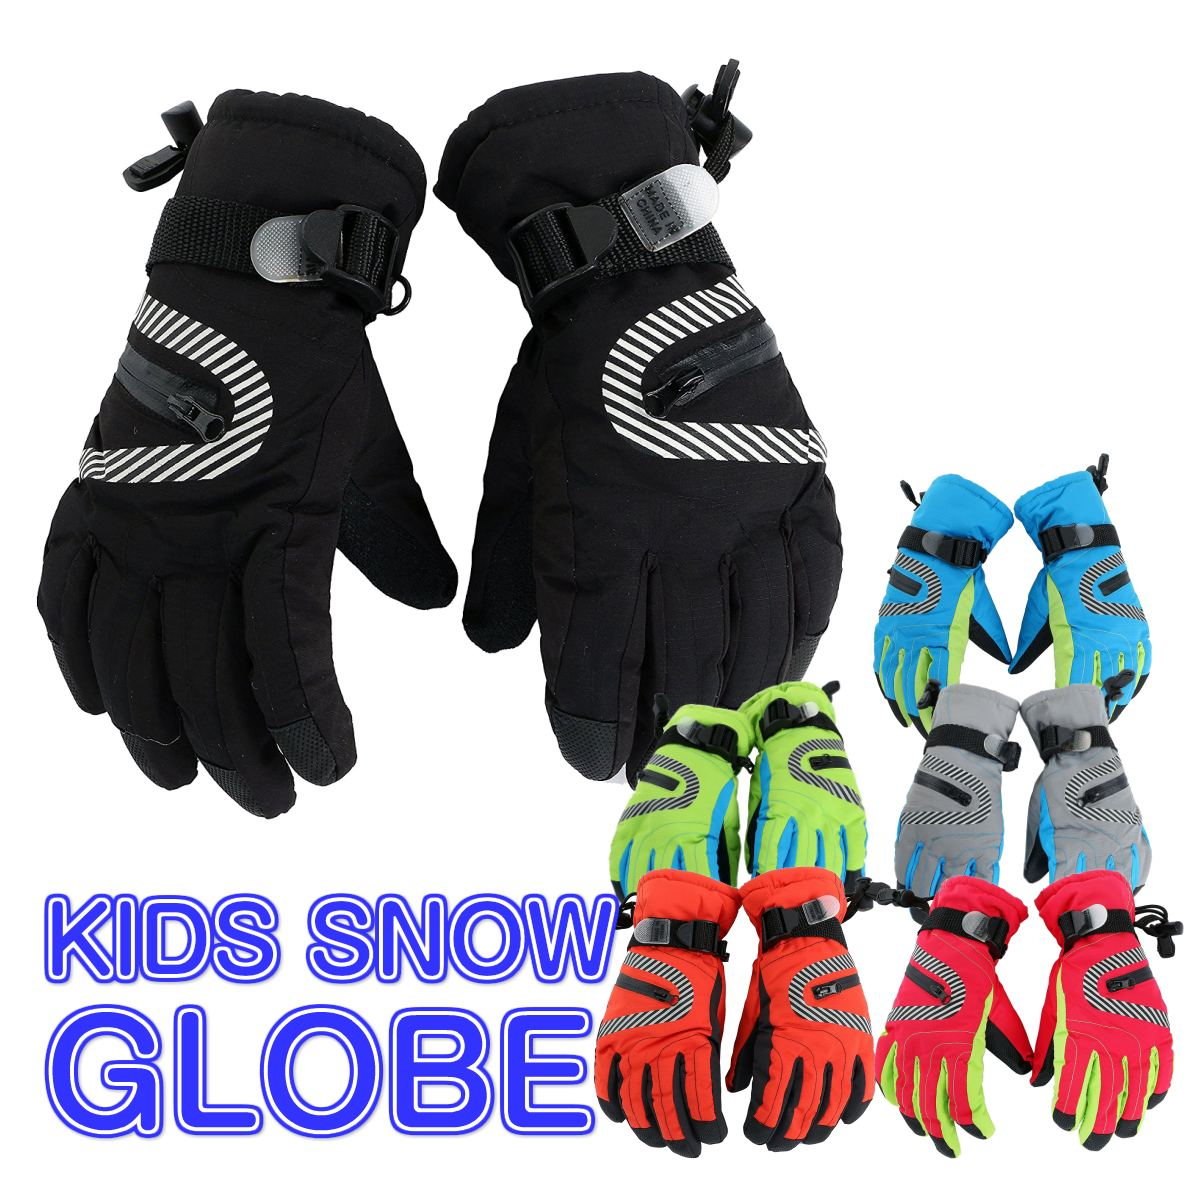 便利な小物入れポケット付きキッズ用スキーグローブ スキー グローブ 流行のアイテム 即納最大半額 ジュニア キッズ 子ども ポケット付き スキーグローブ 軽量 スノボー スノーボード 雪遊び 手袋 おしゃれ 子供 可愛い